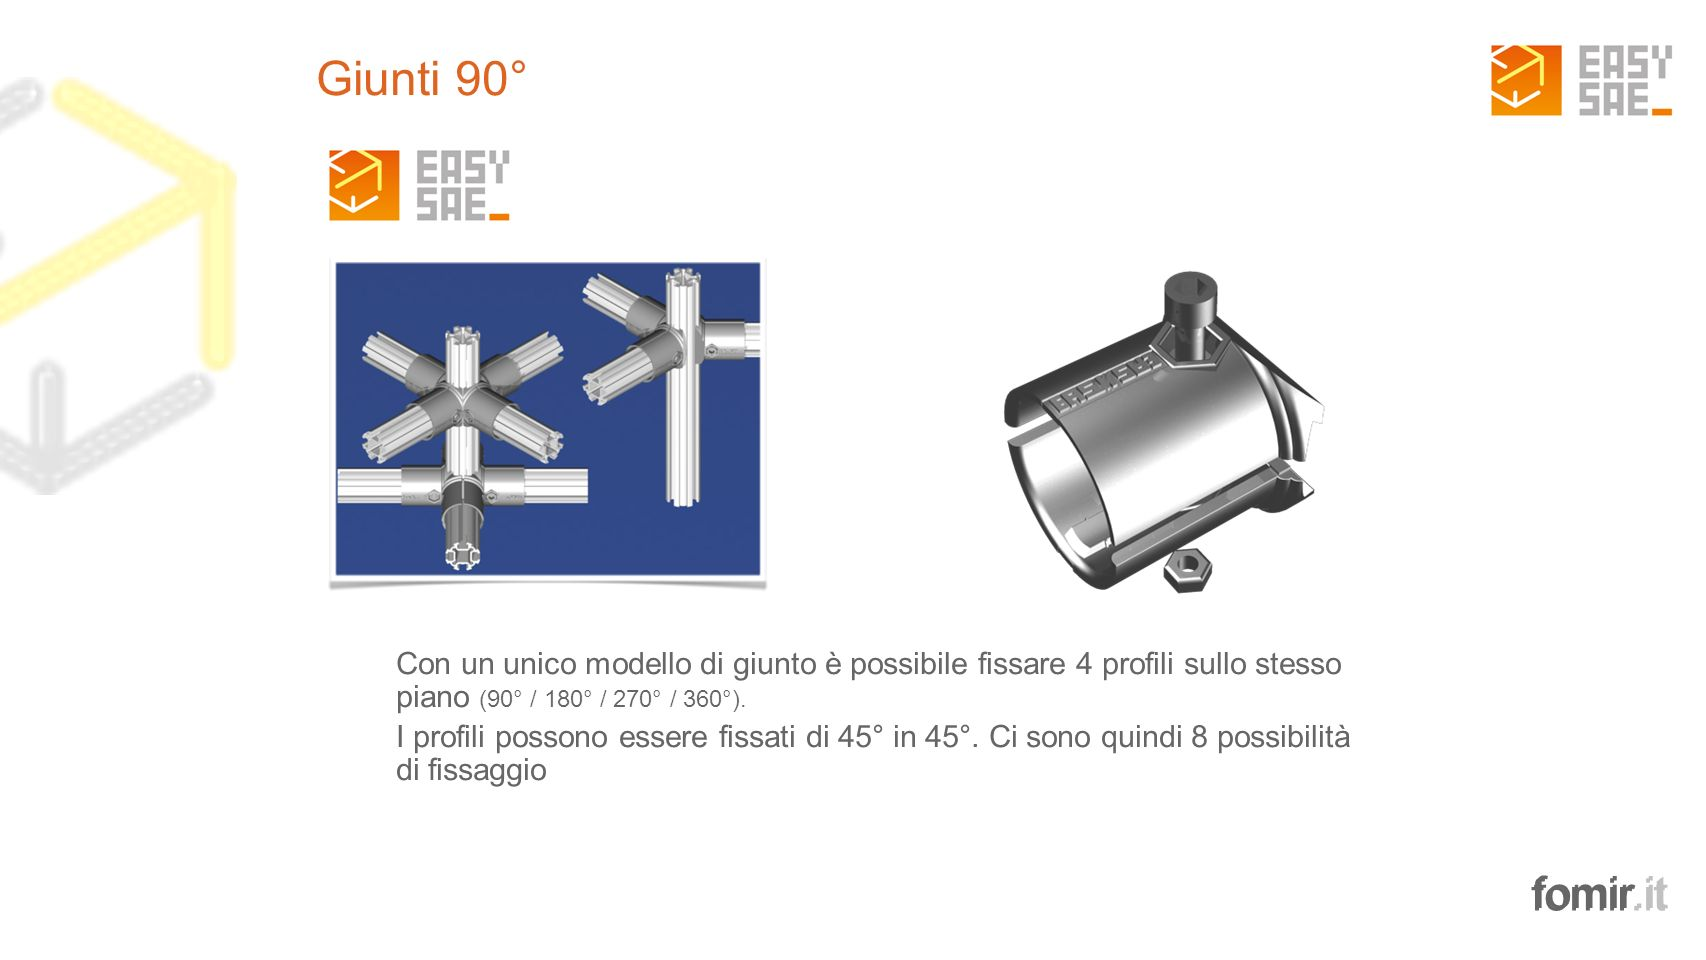 Giunti 90° Con un unico modello di giunto è possibile fissare 4 profili sullo stesso piano (90° / 180° / 270° / 360°).